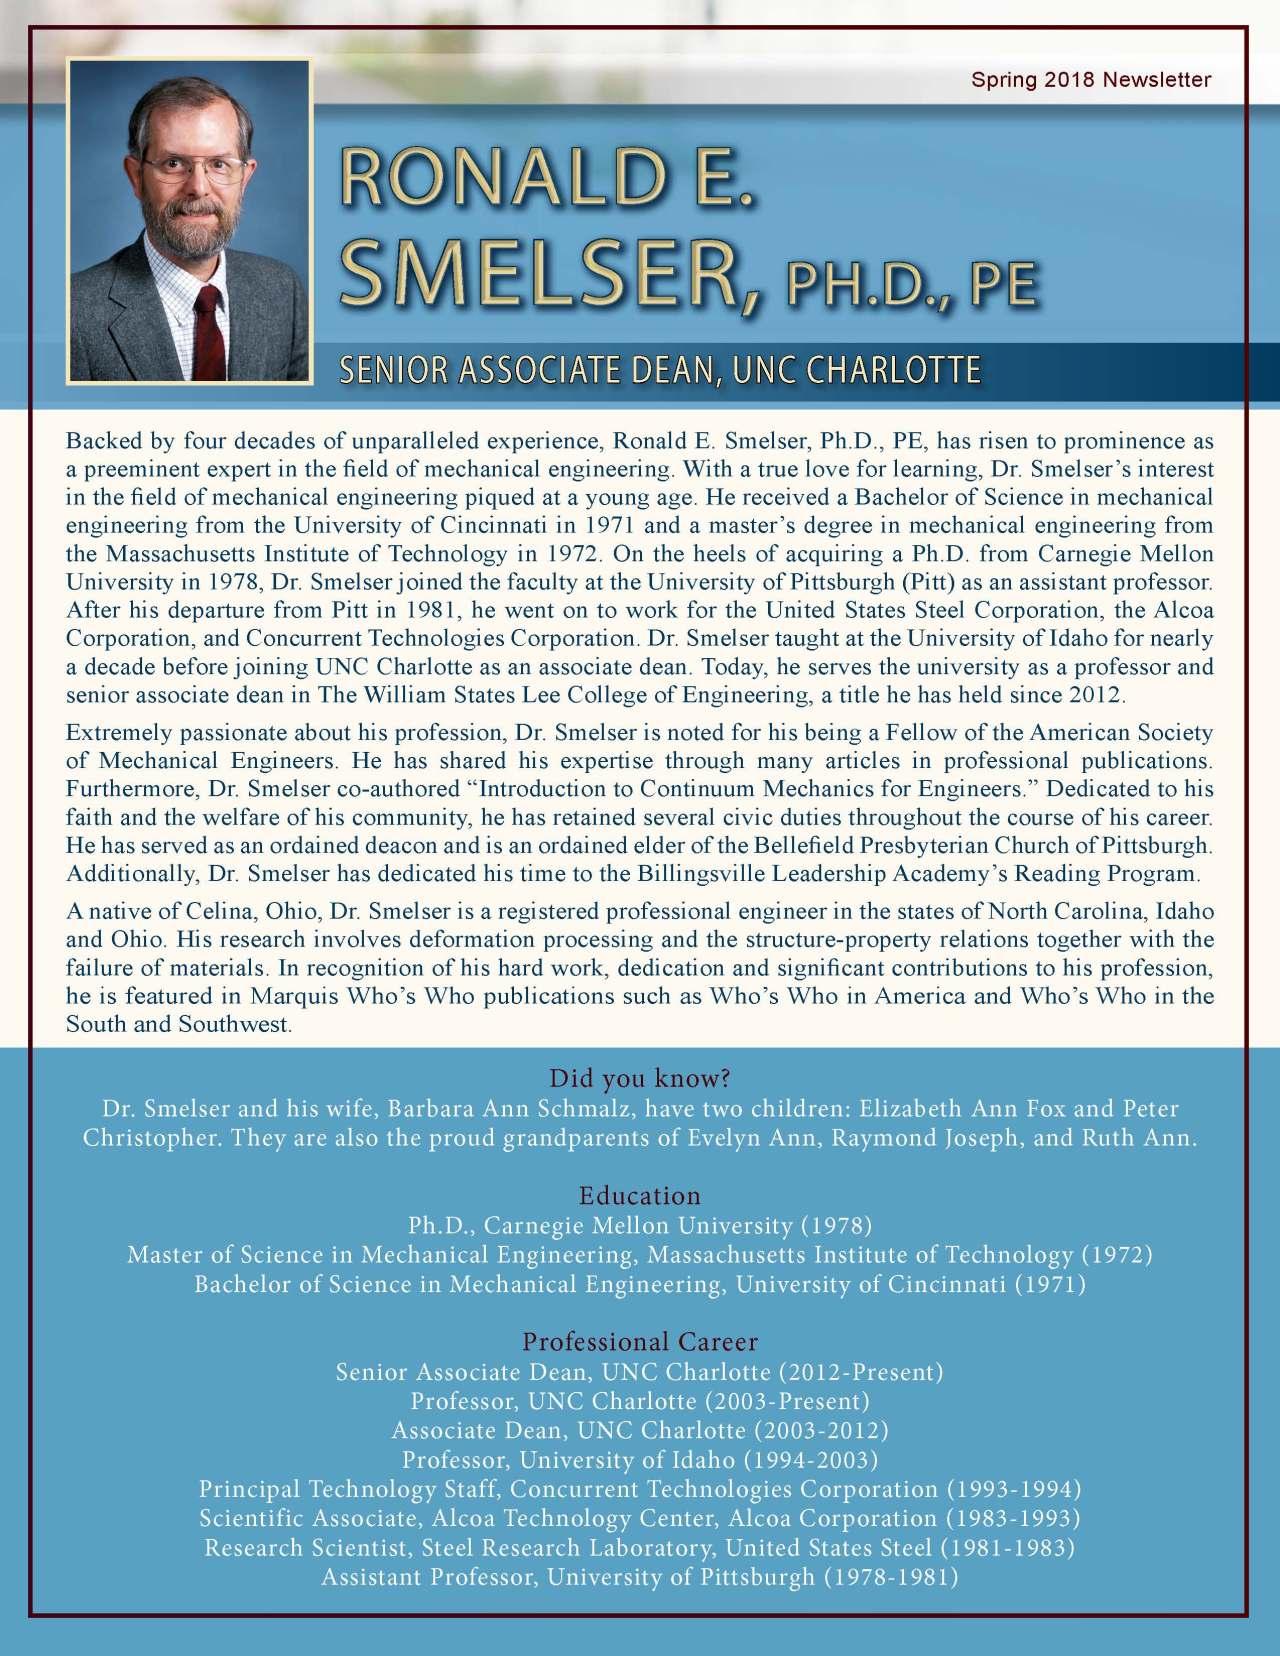 Smelser, Ronald 3649536_35047848 Newsletter REVISED.jpg